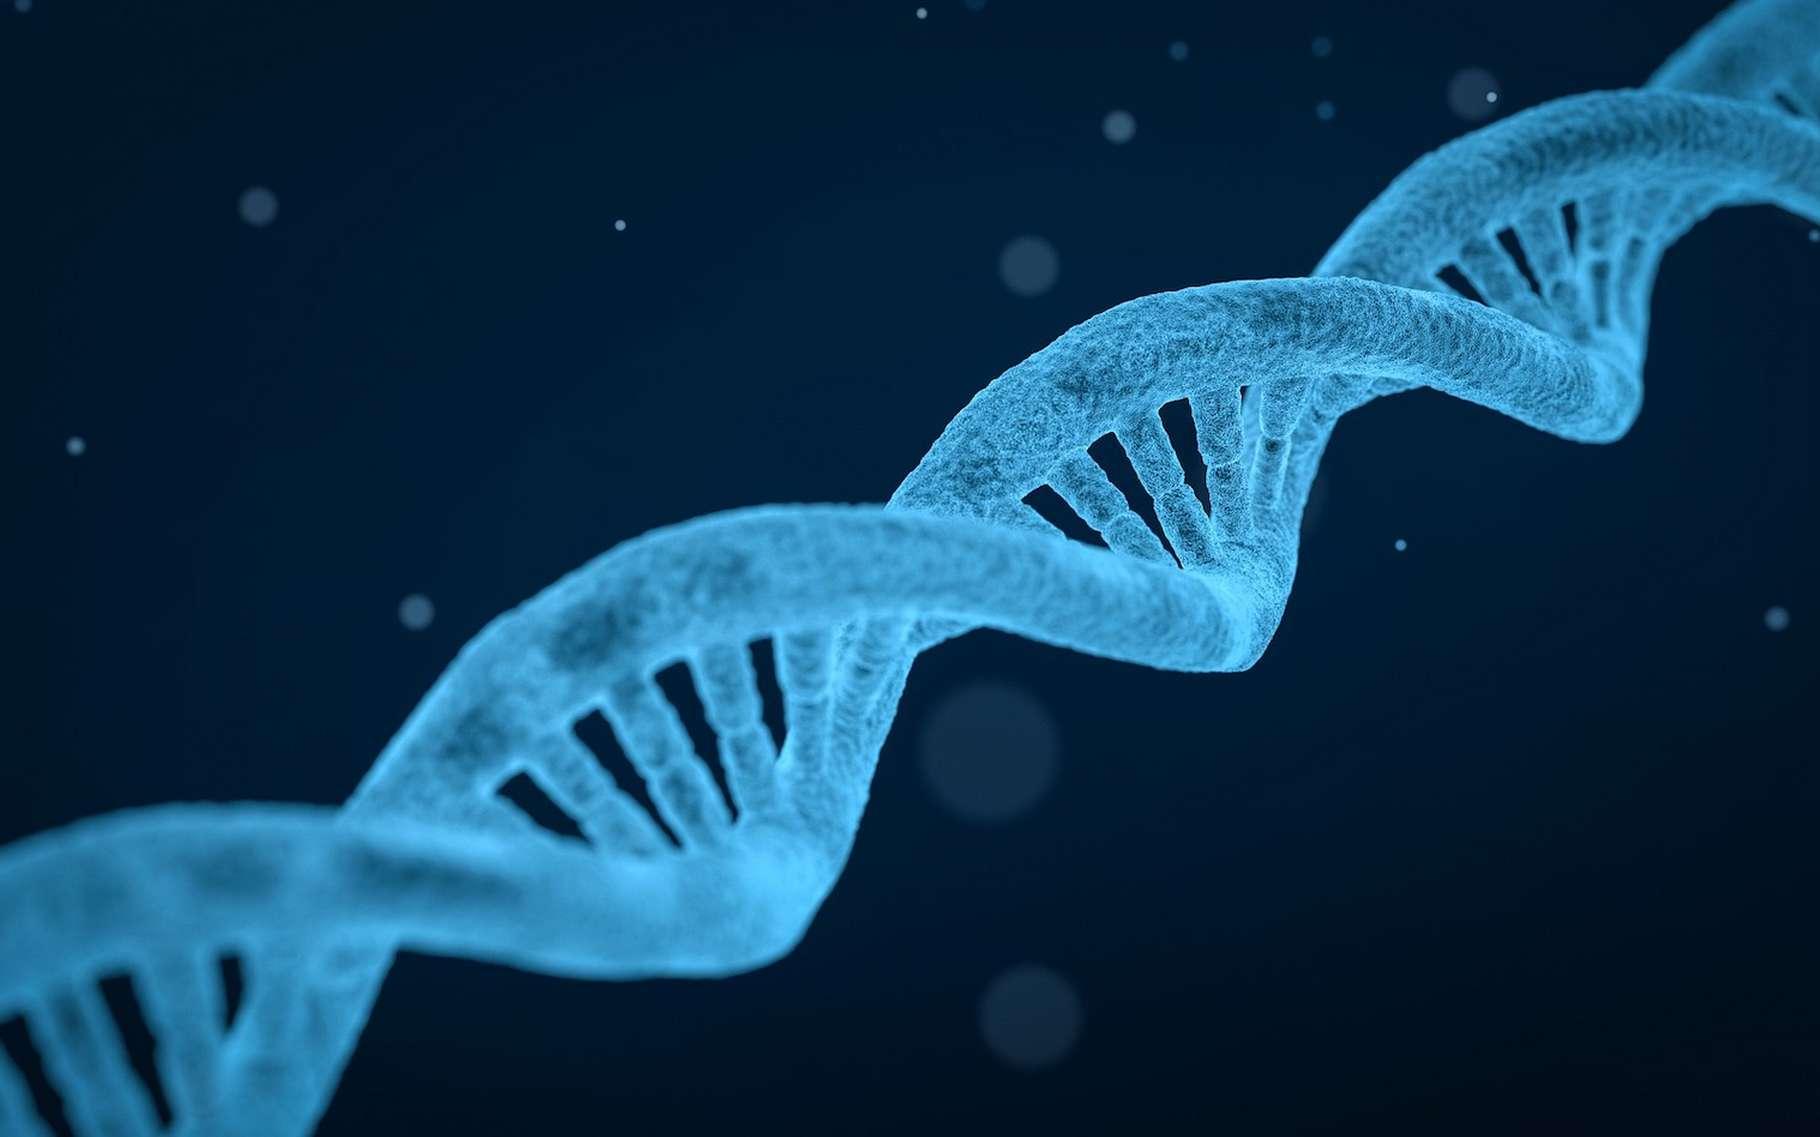 Une étude montre qu'avoir connaissance des résultats d'un test génétique peut influer non seulement sur notre volonté, mais directement sur notre physiologie. © qimono, Pixabay, CC0 Creative Commons